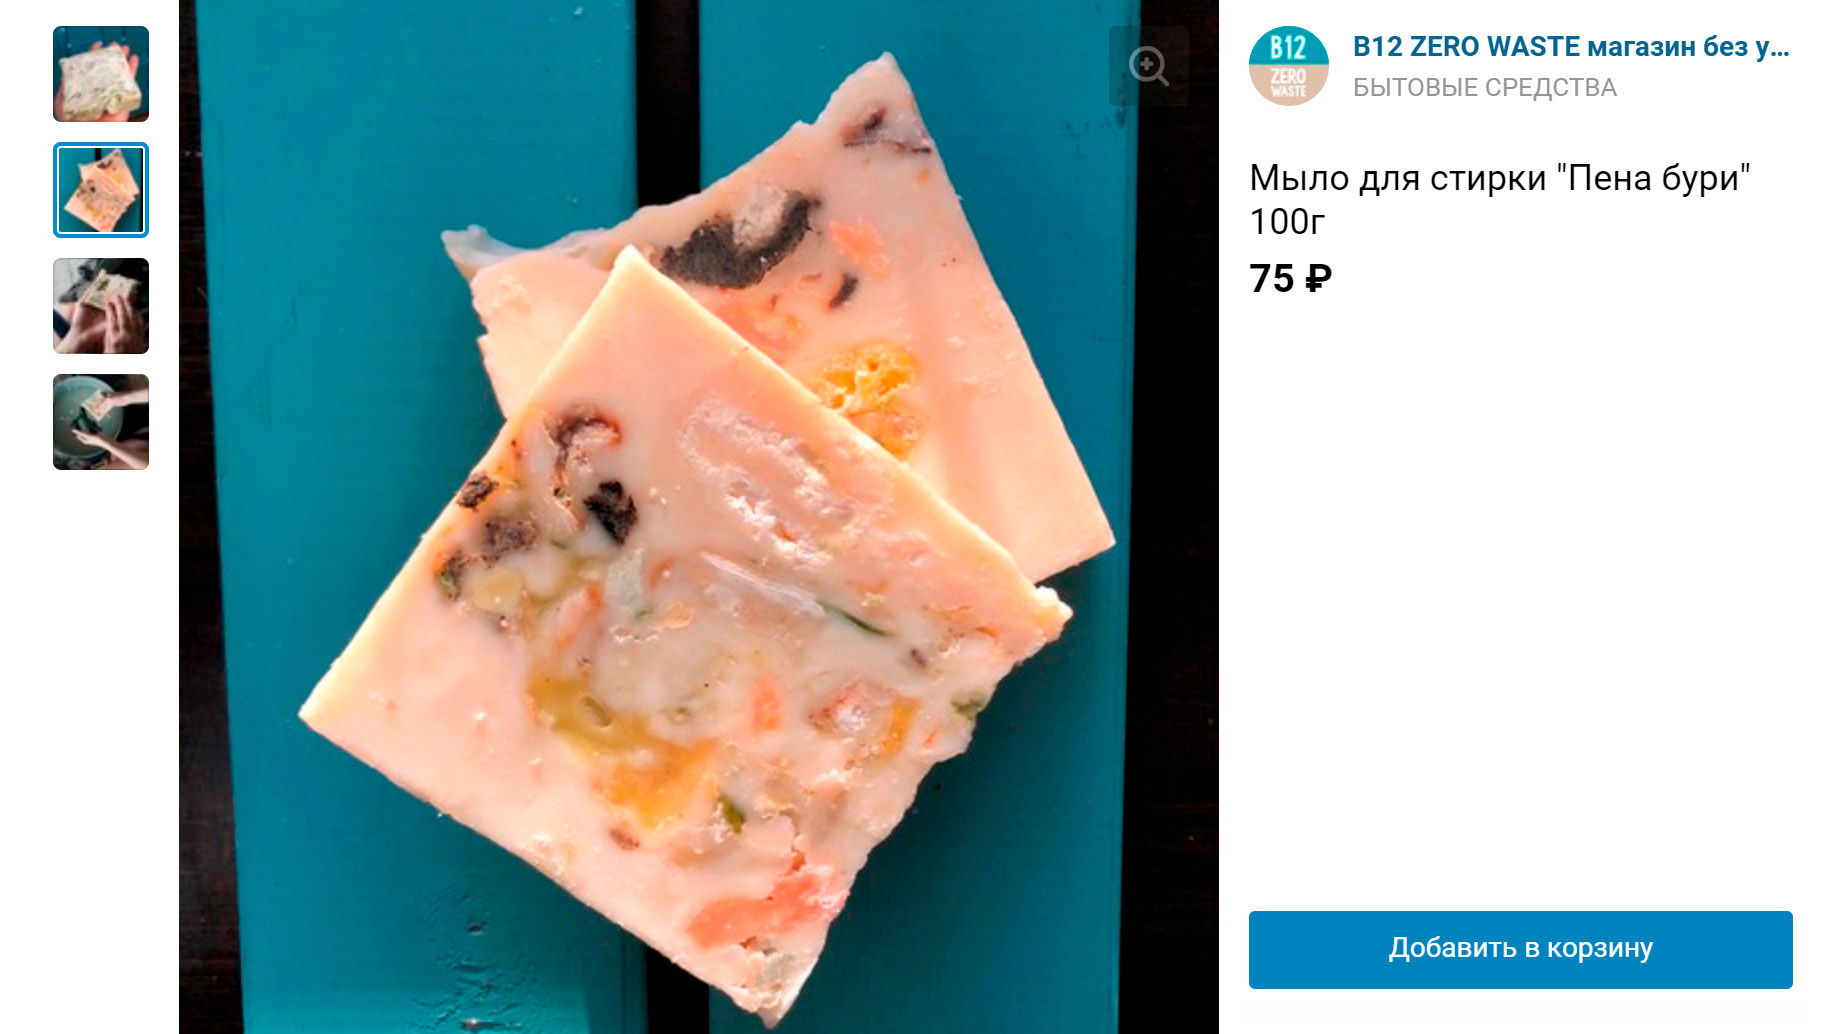 Безупаковки мыло продается на развес, можно купить сколько нужно